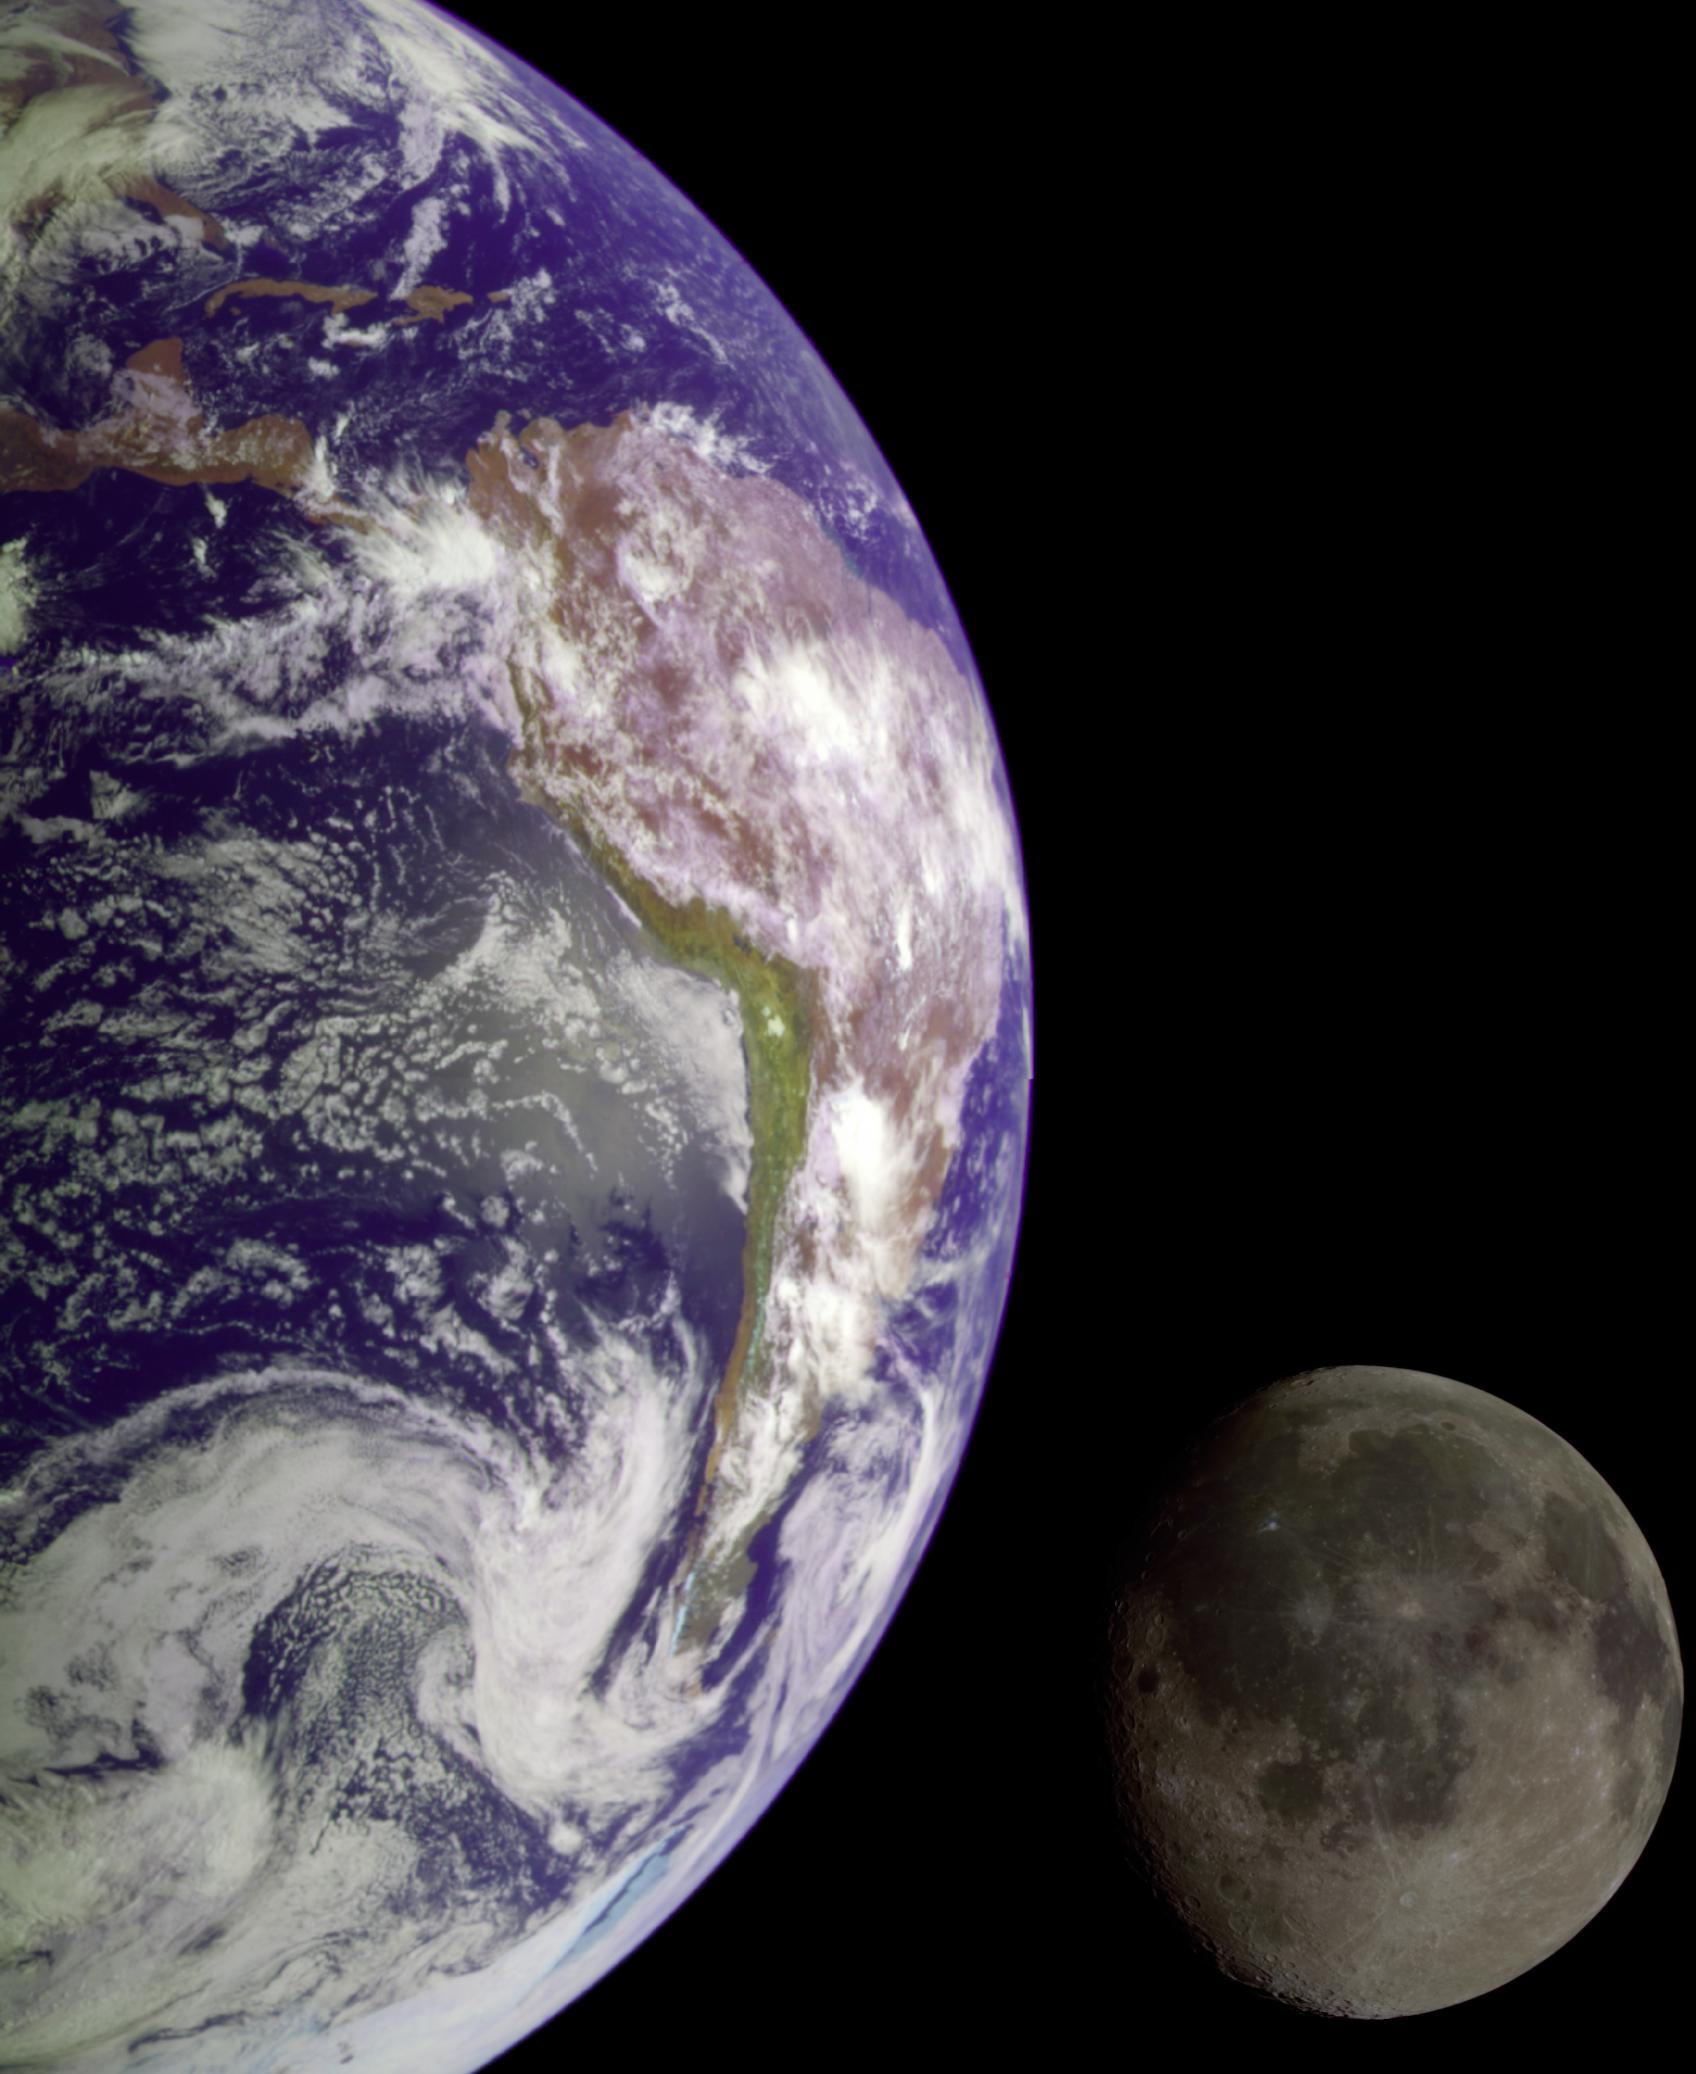 Hiểu biết mới về bí ẩn của Mặt Trăng